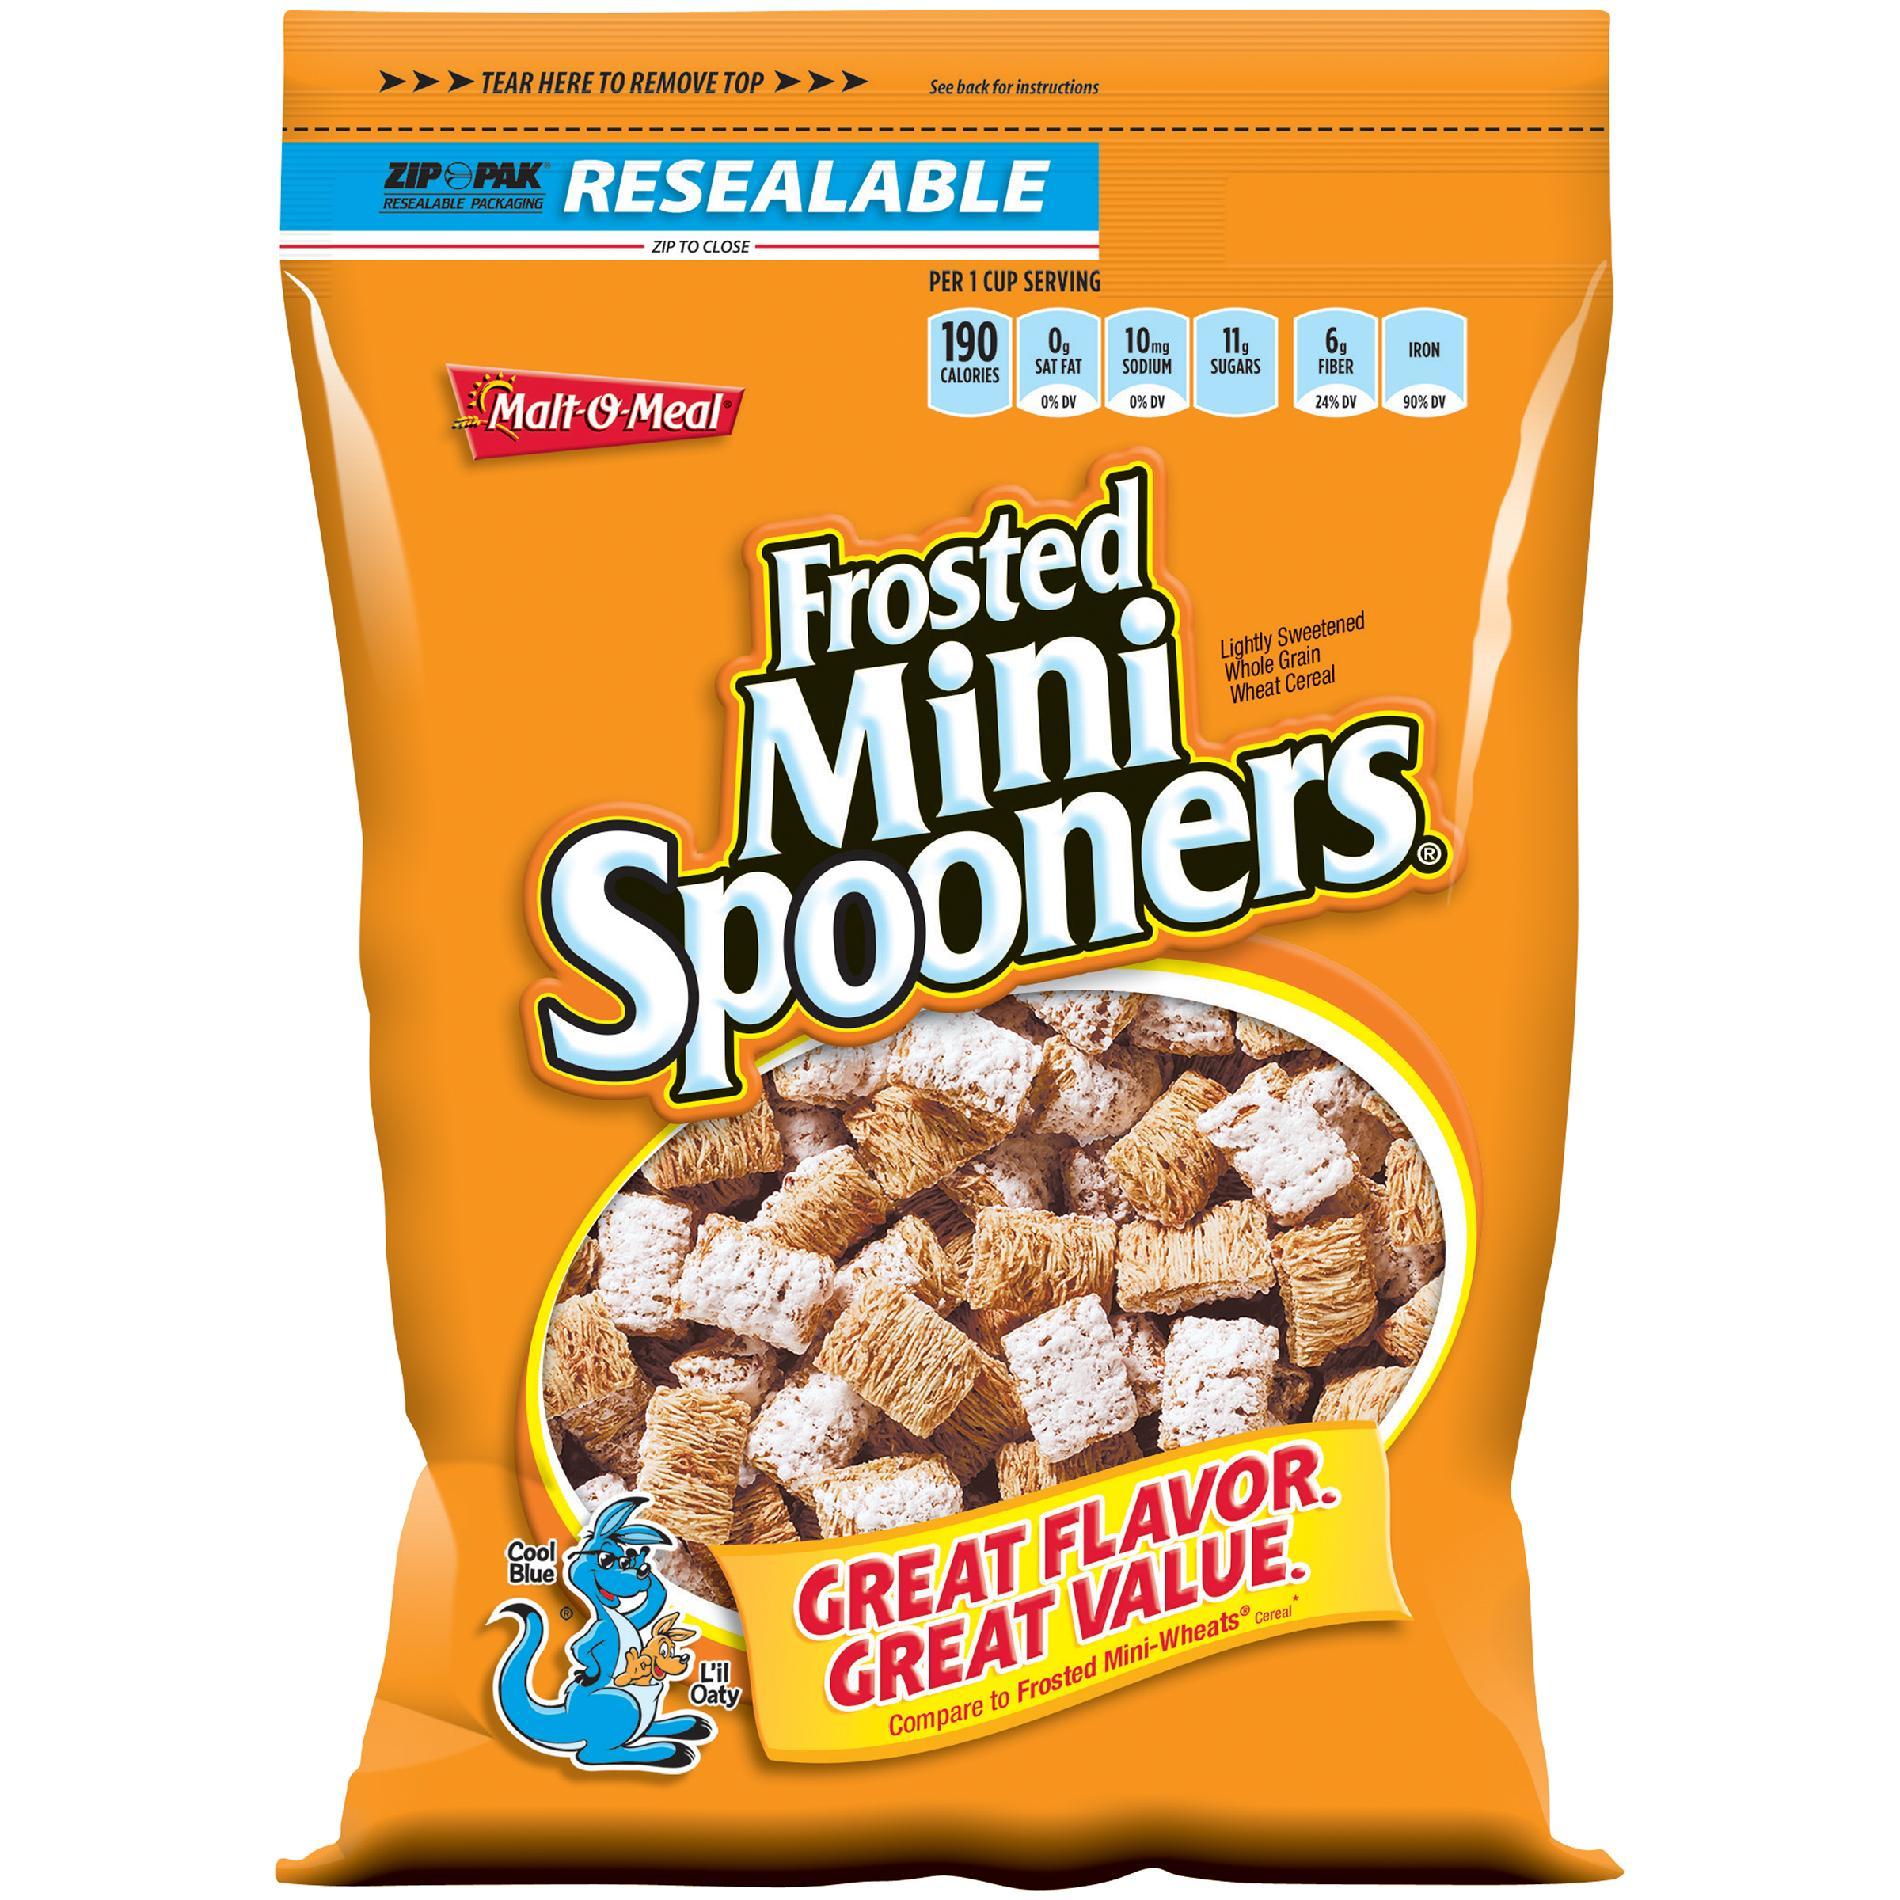 Malt-O-Meal Frosted Mini Spooner Cereal, 15 oz at mygofer.com